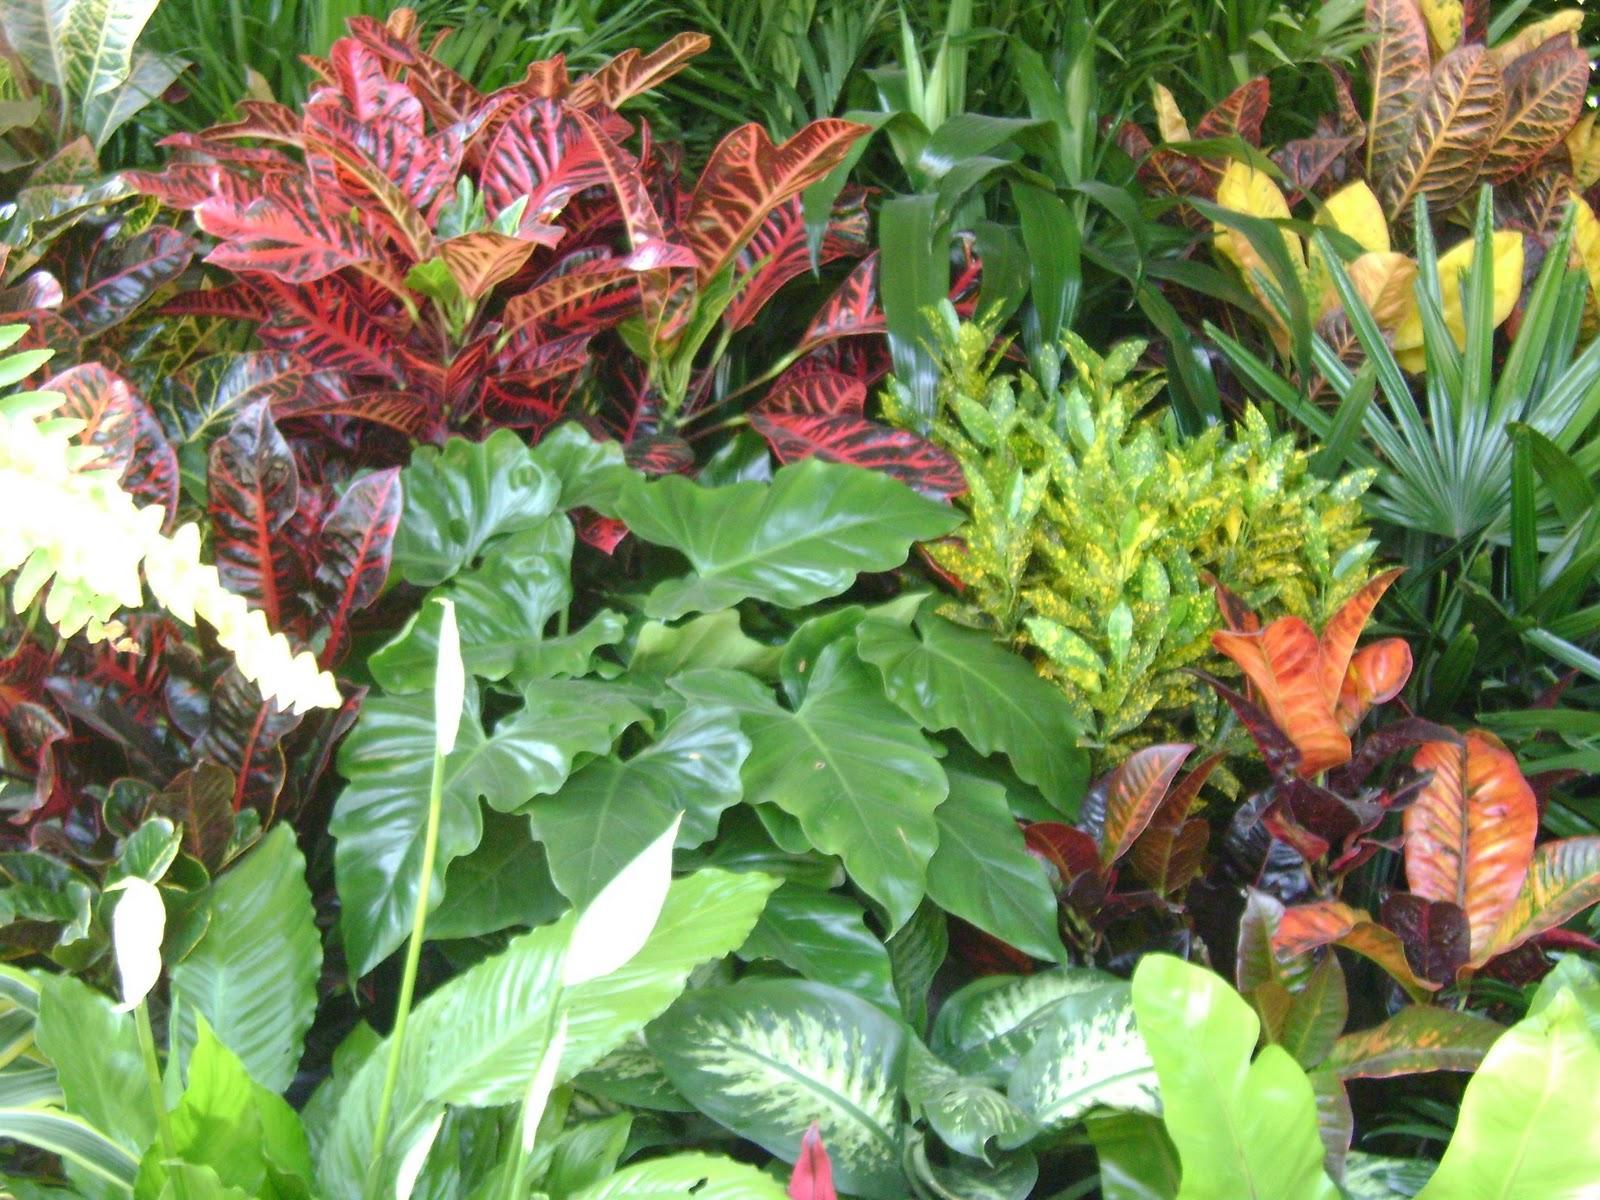 Jardines y macetas fotos de plantas de interior y exterior for Arbustos para macetas exterior